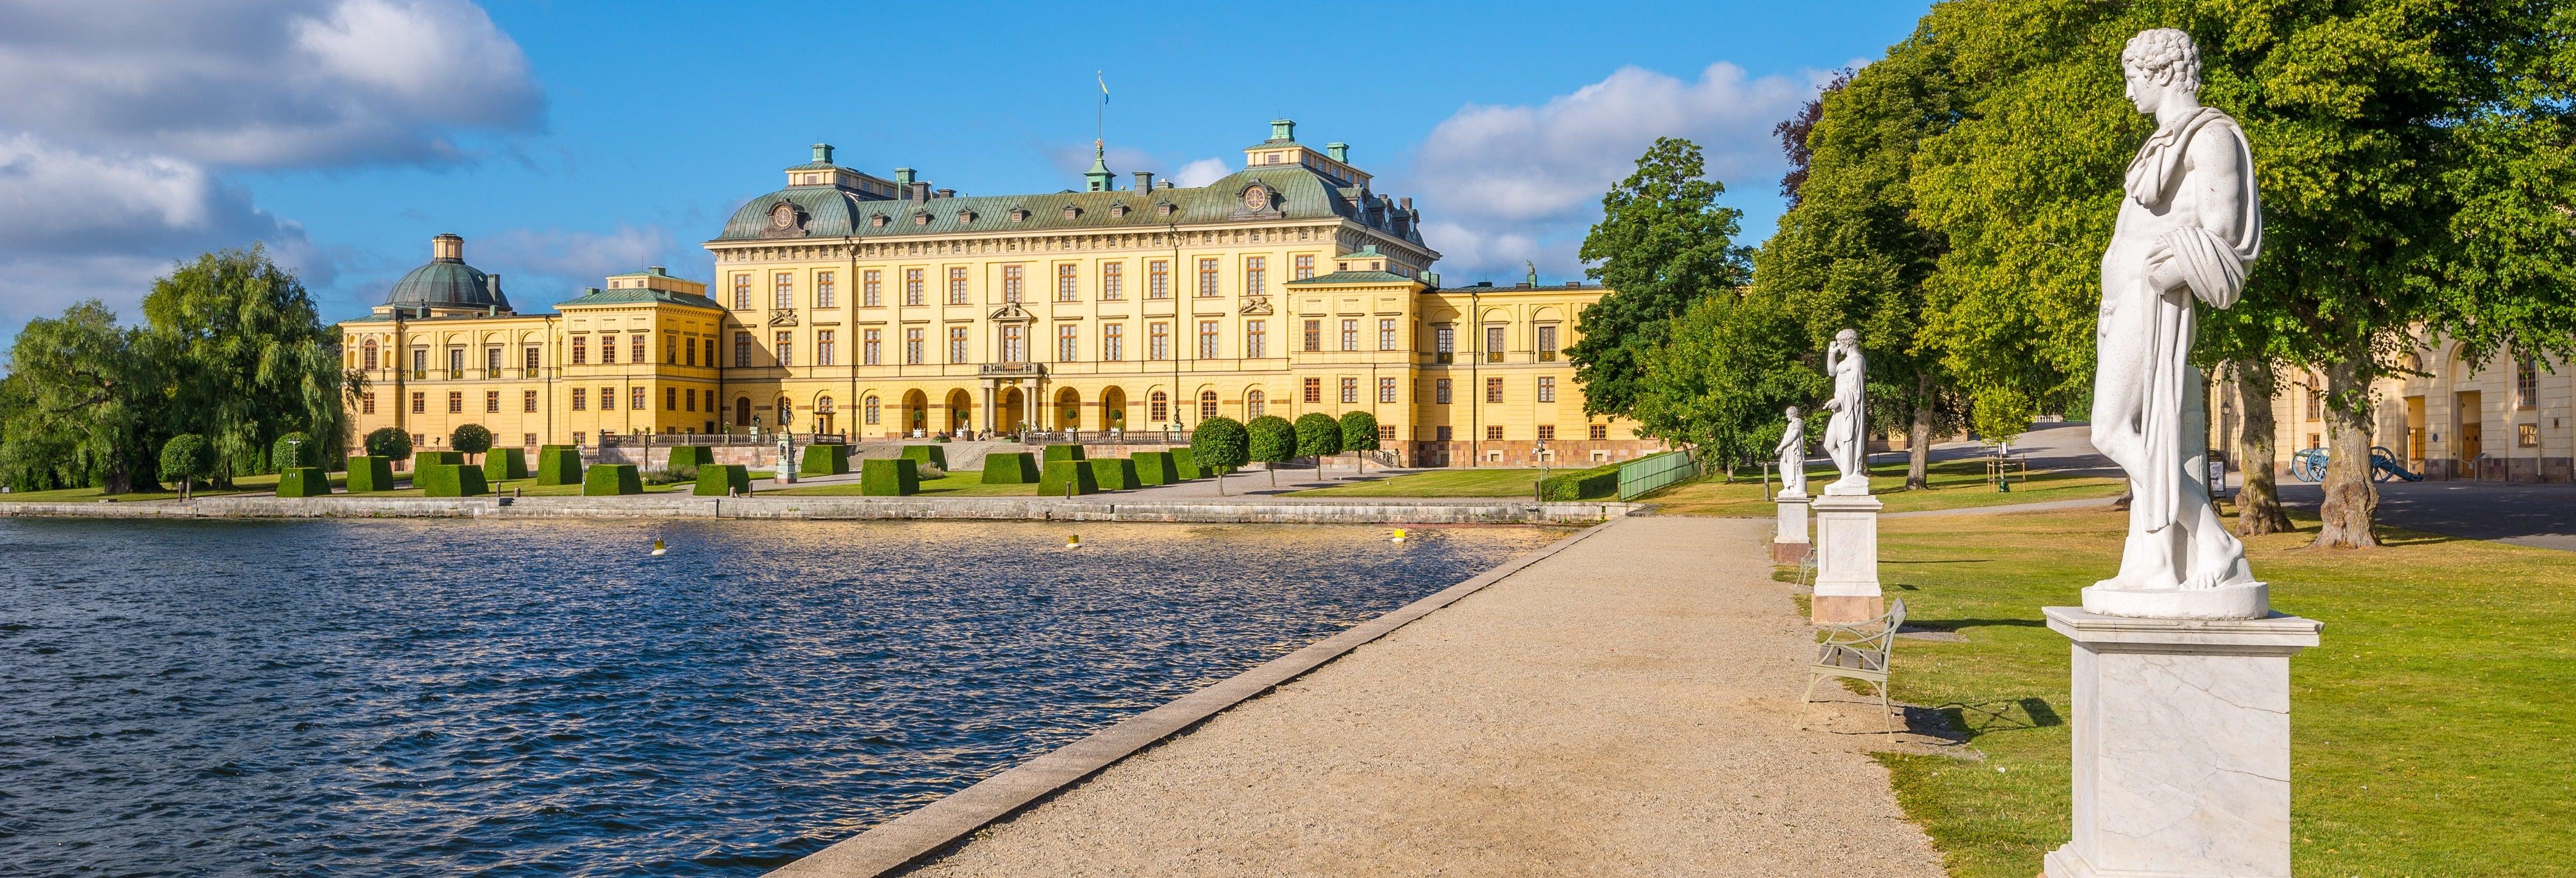 Excursión al palacio de Drottningholm